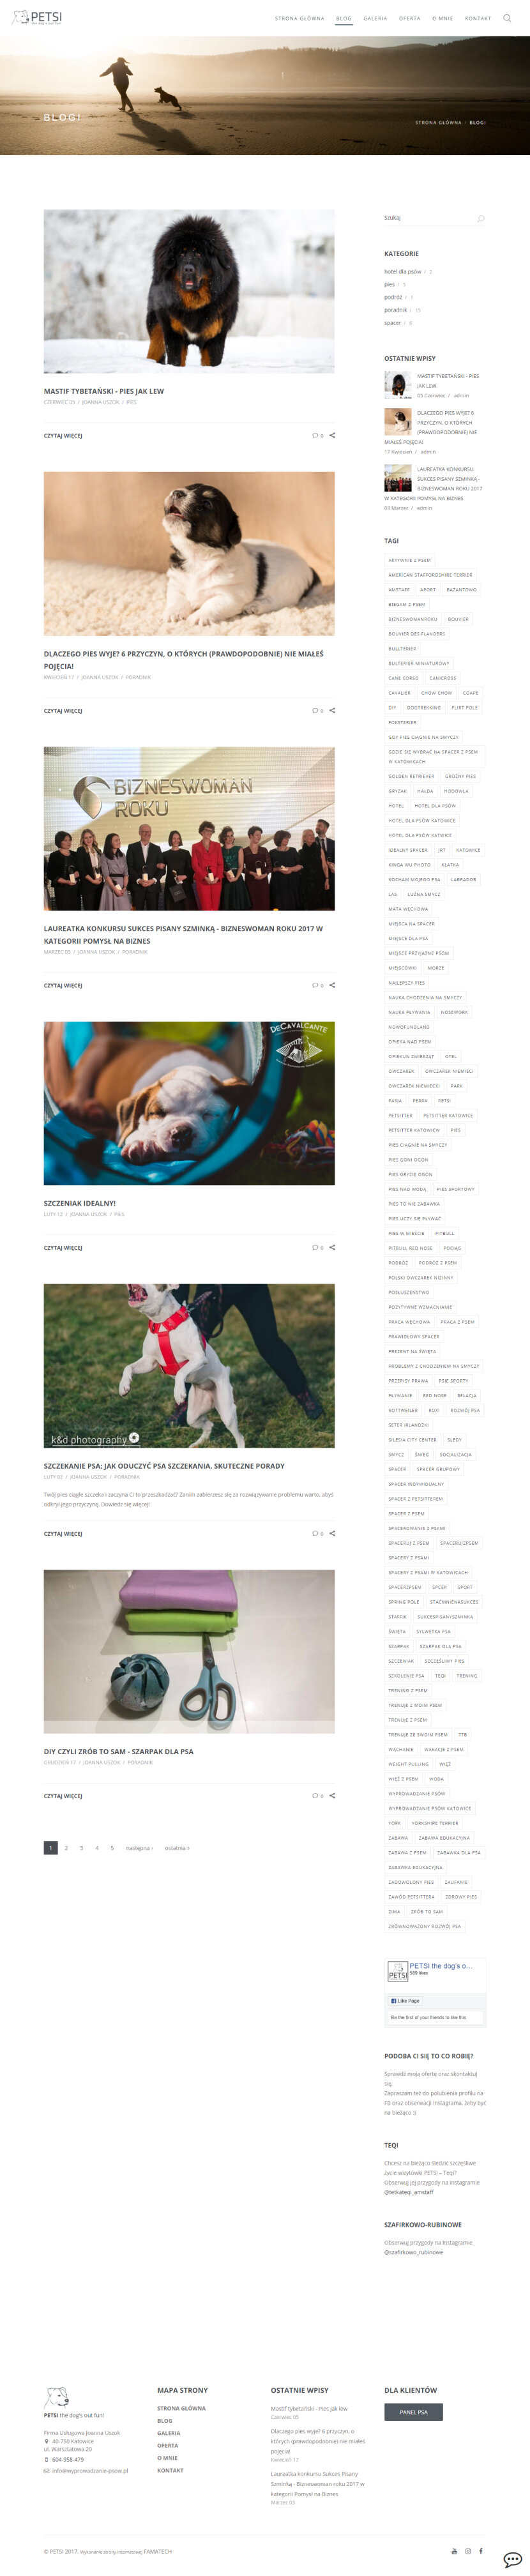 Petsi - blog